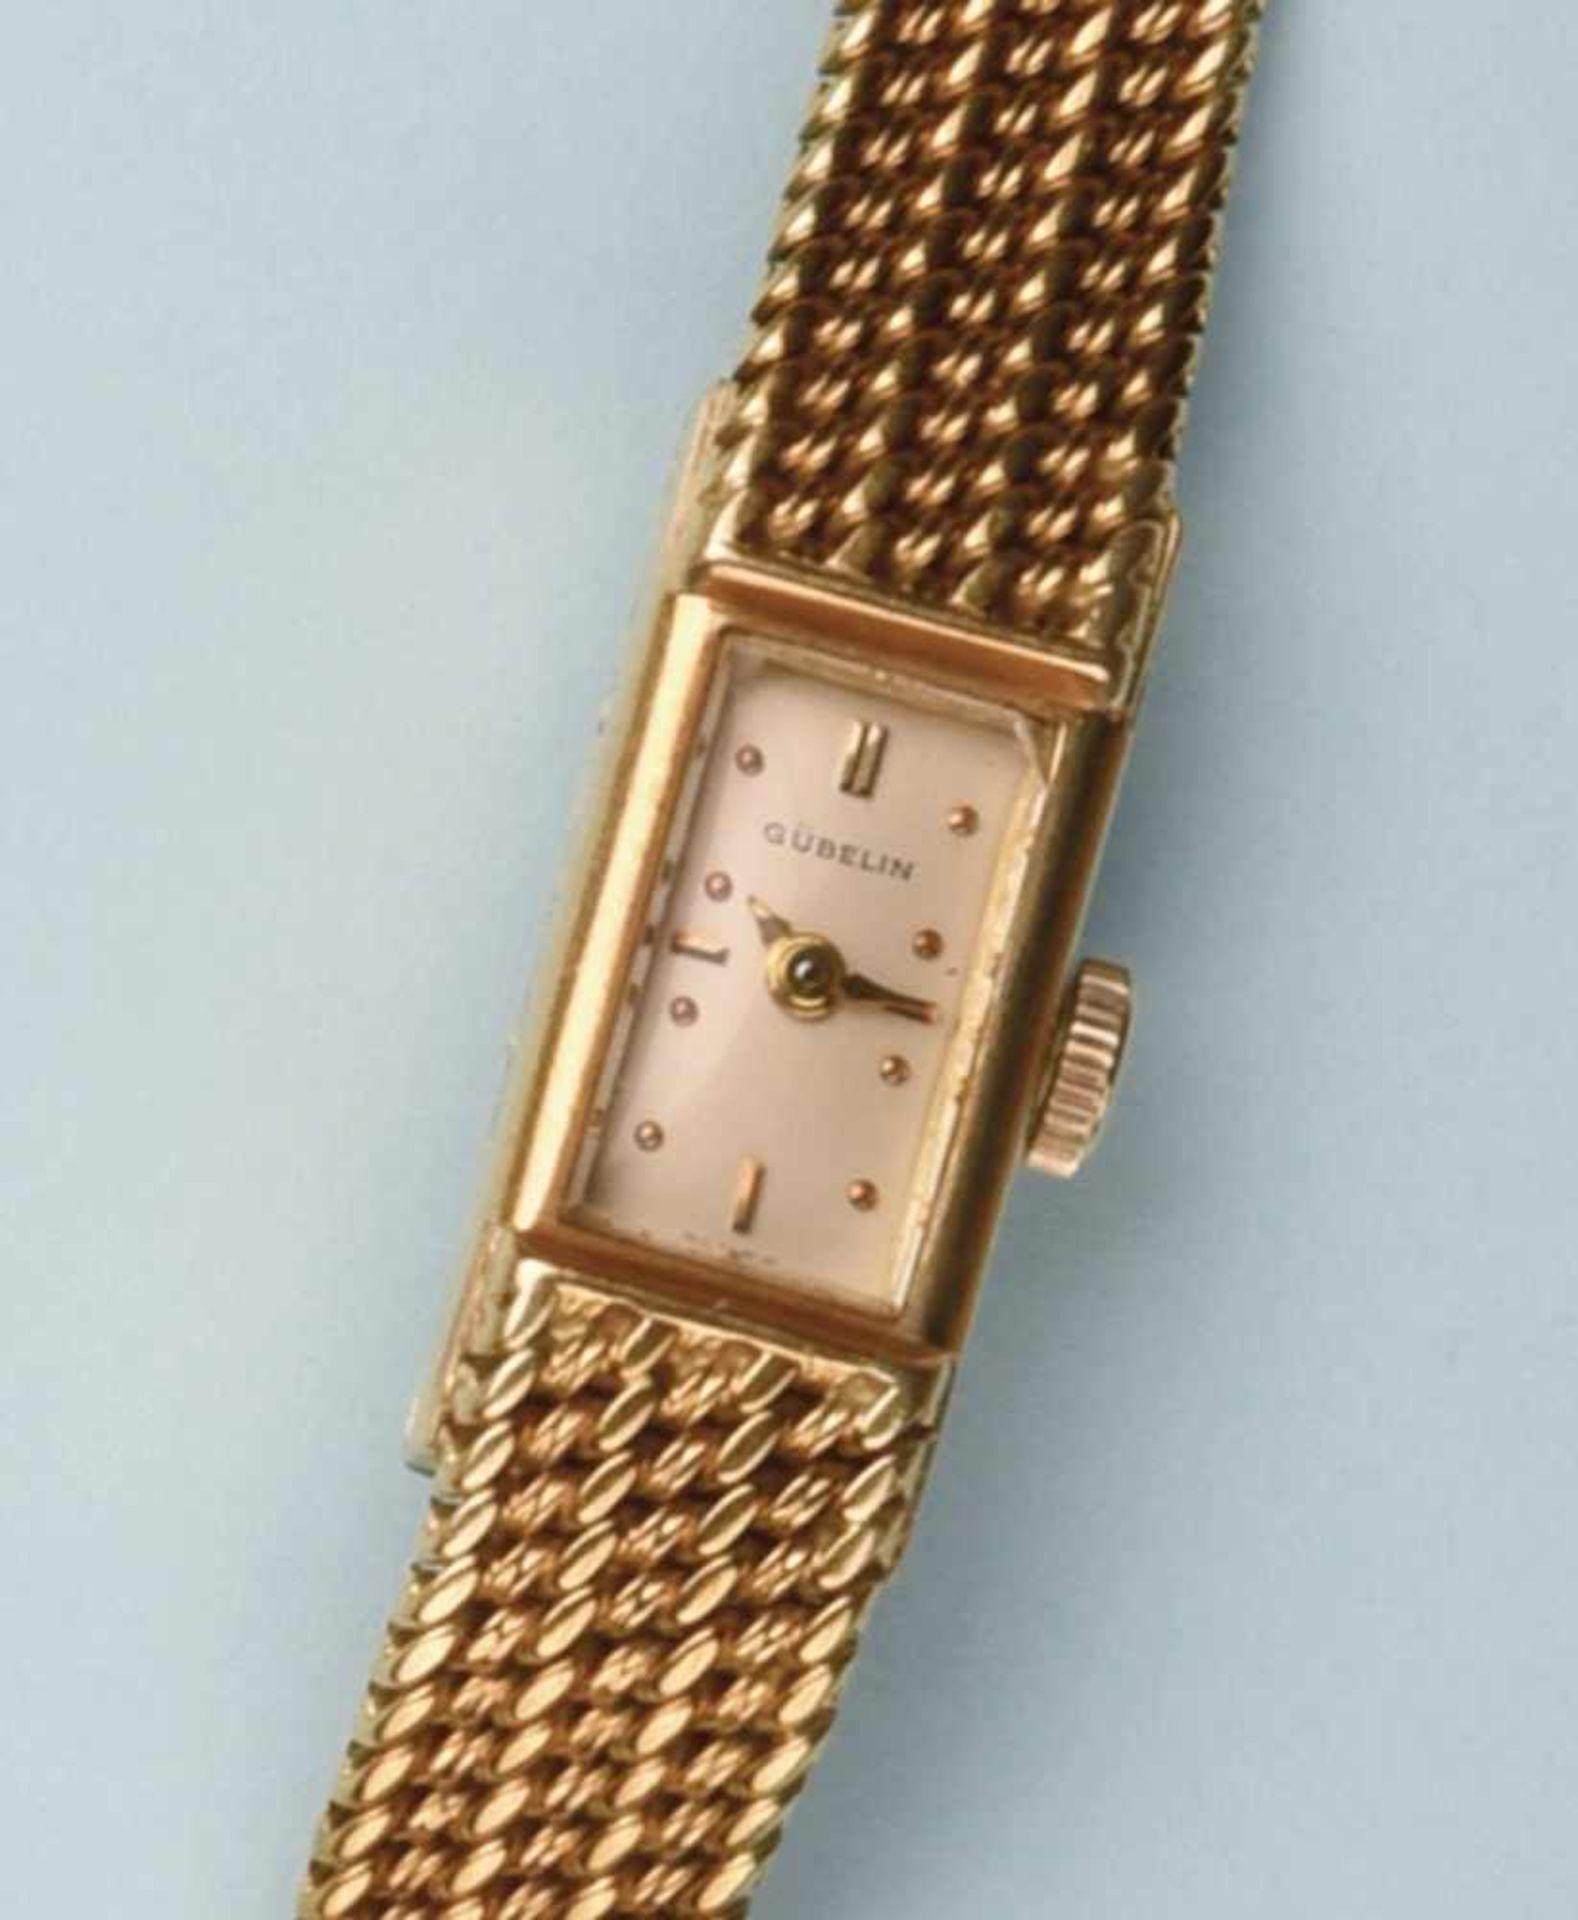 """Bracelet montre pour dame en or jaune 750 de marque """"GÜBELIN"""". Cadran rectangulaire, fond blanc,"""